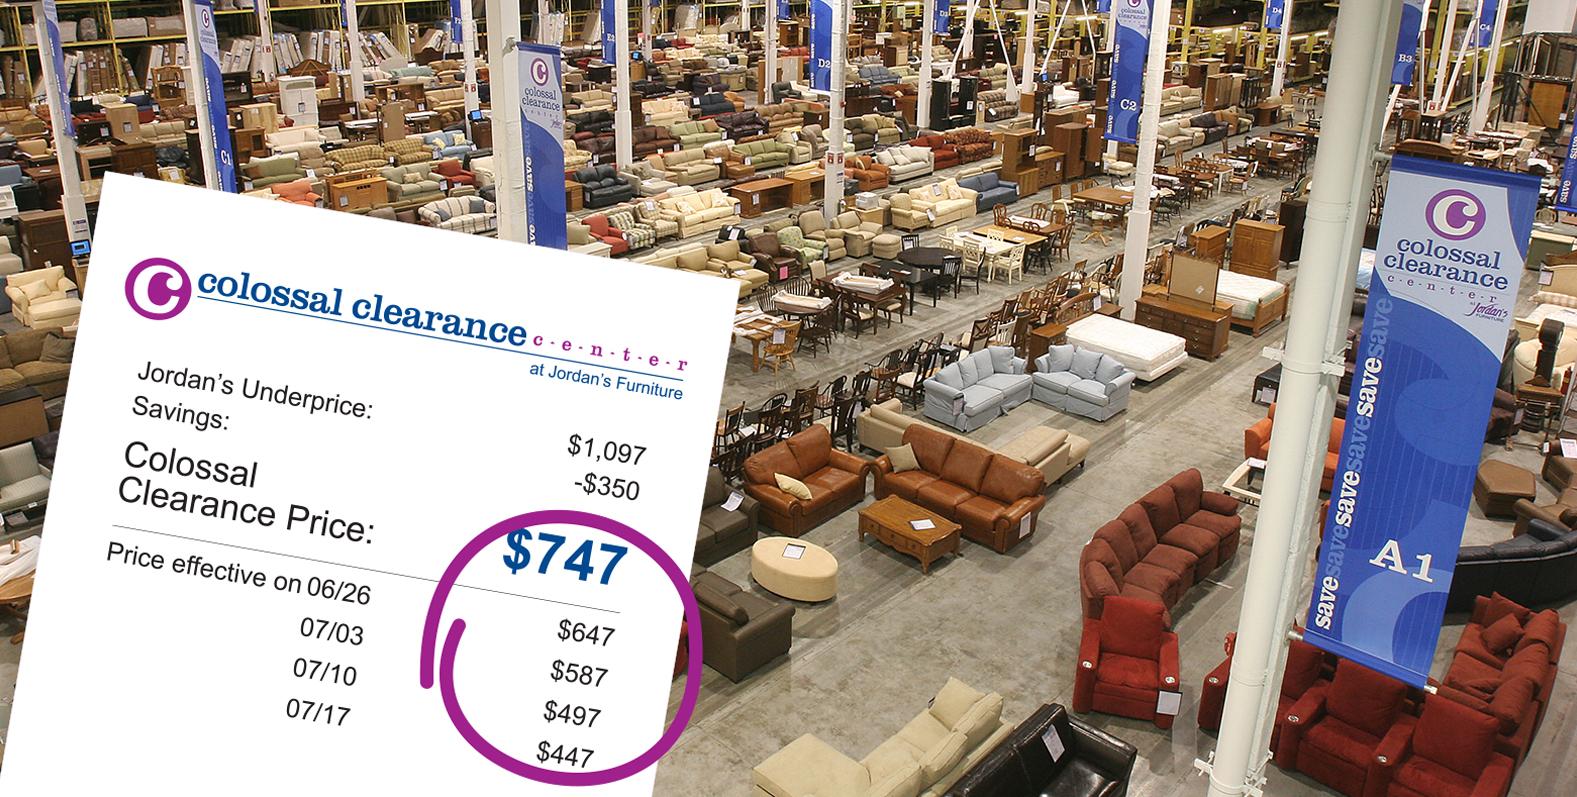 Discount Furniture Specials In Avon Ma At Jordan S